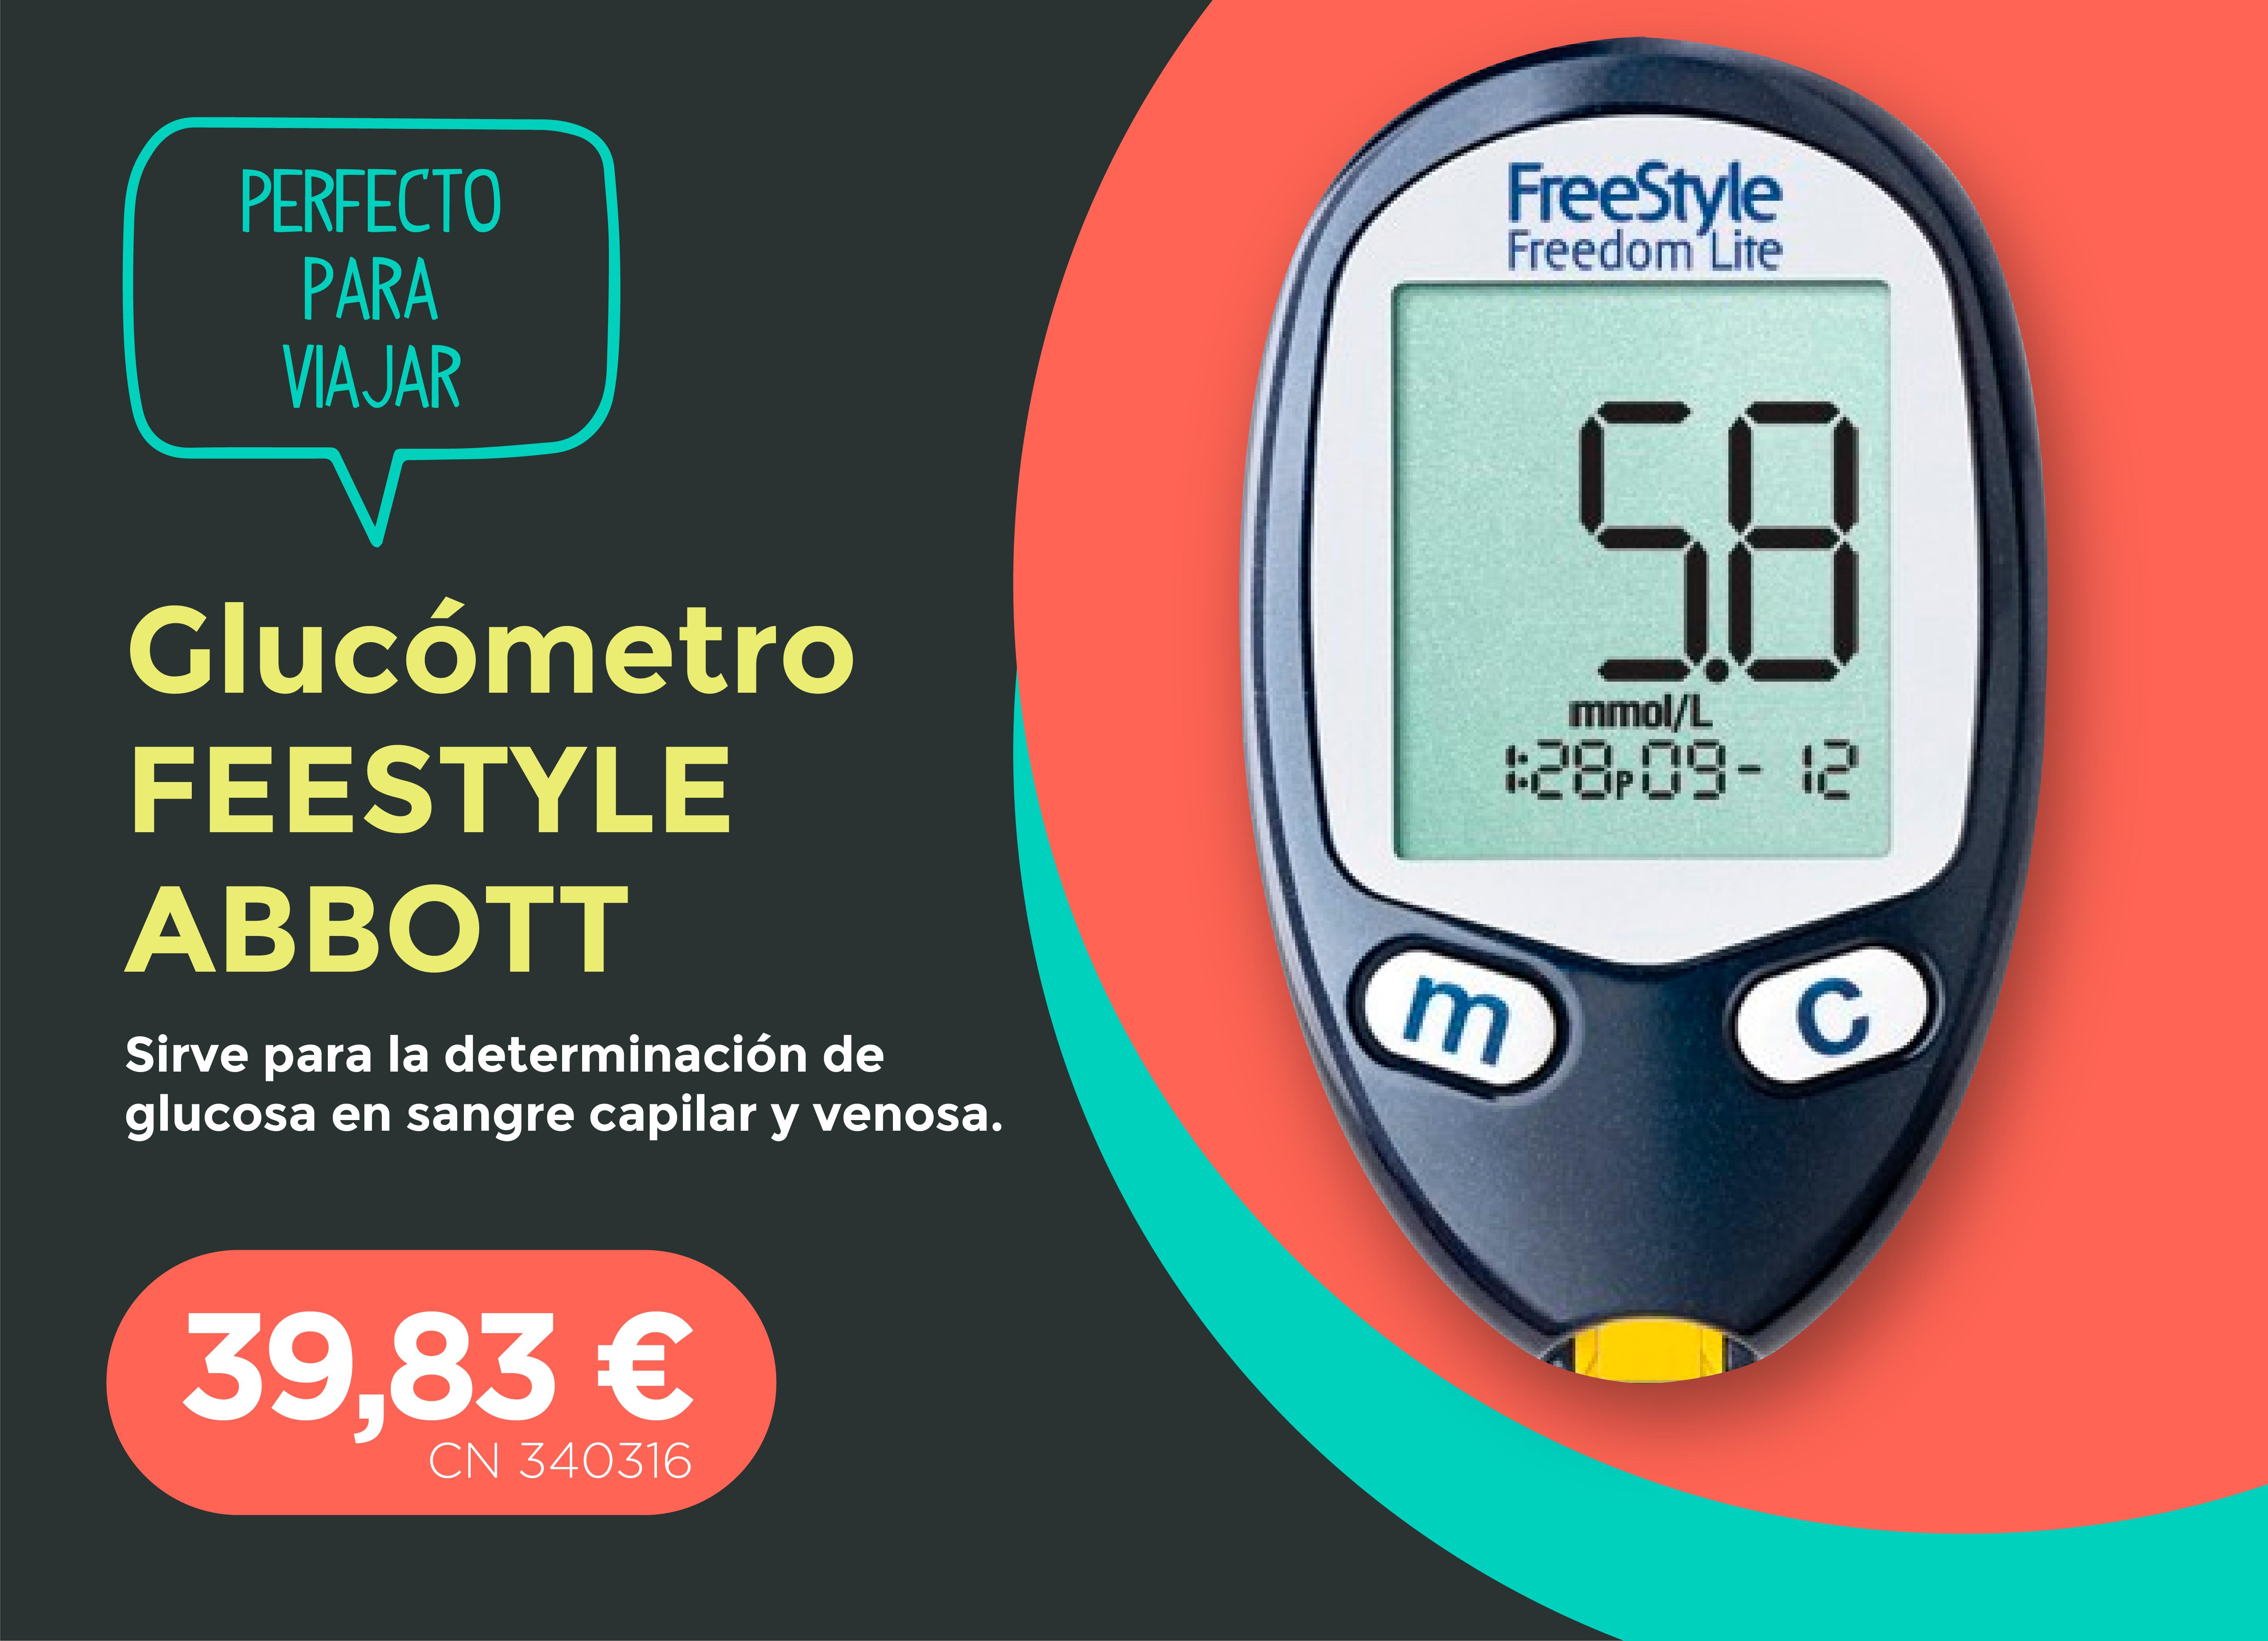 Glucometro Freestyle